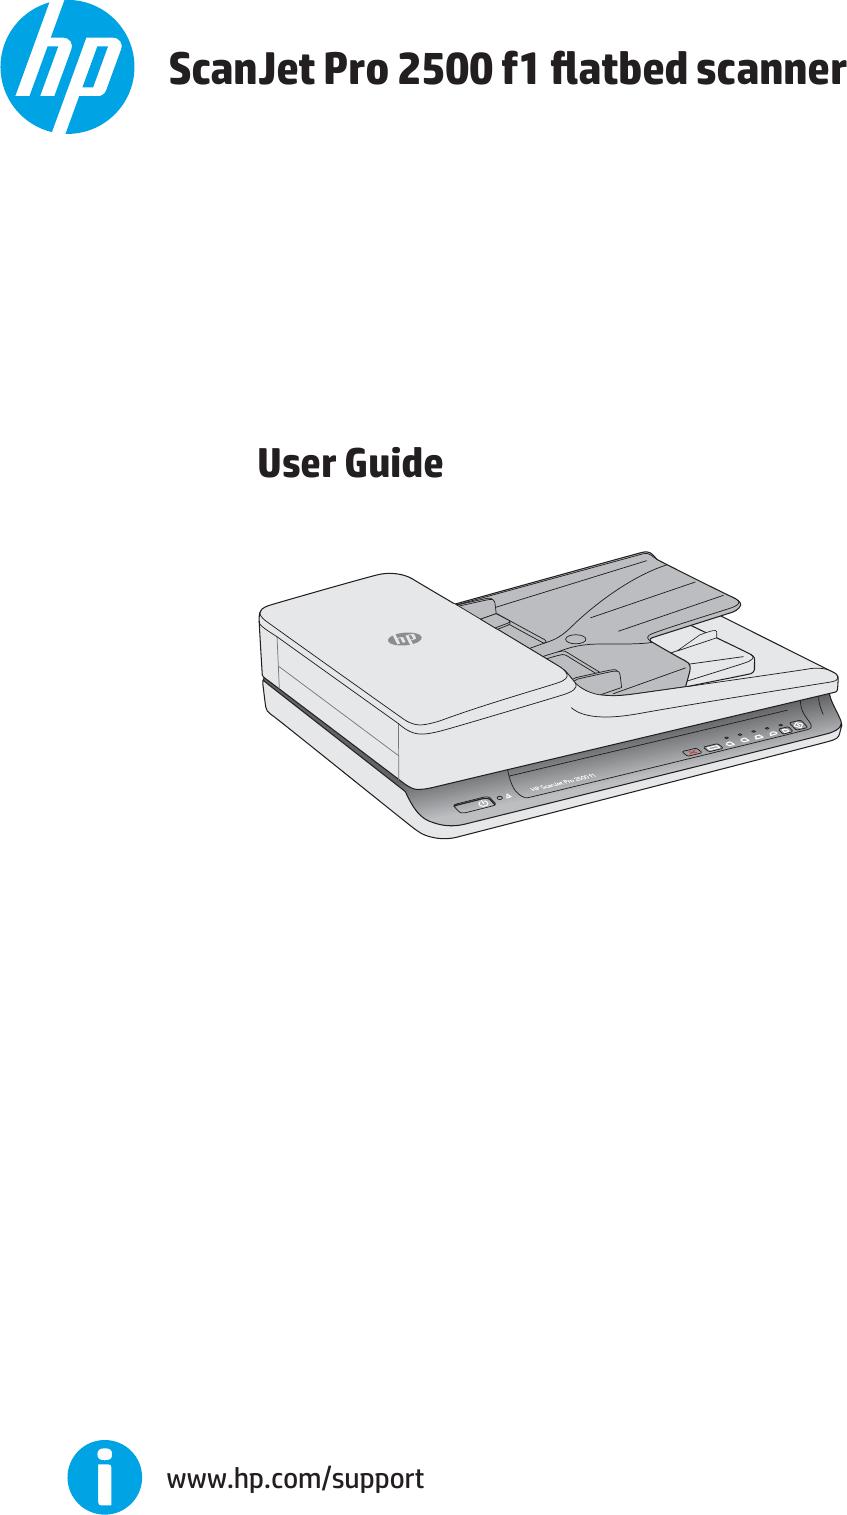 HP ScanJet Pro 2500 F1 Flatbed Scanner User Guide ENWW